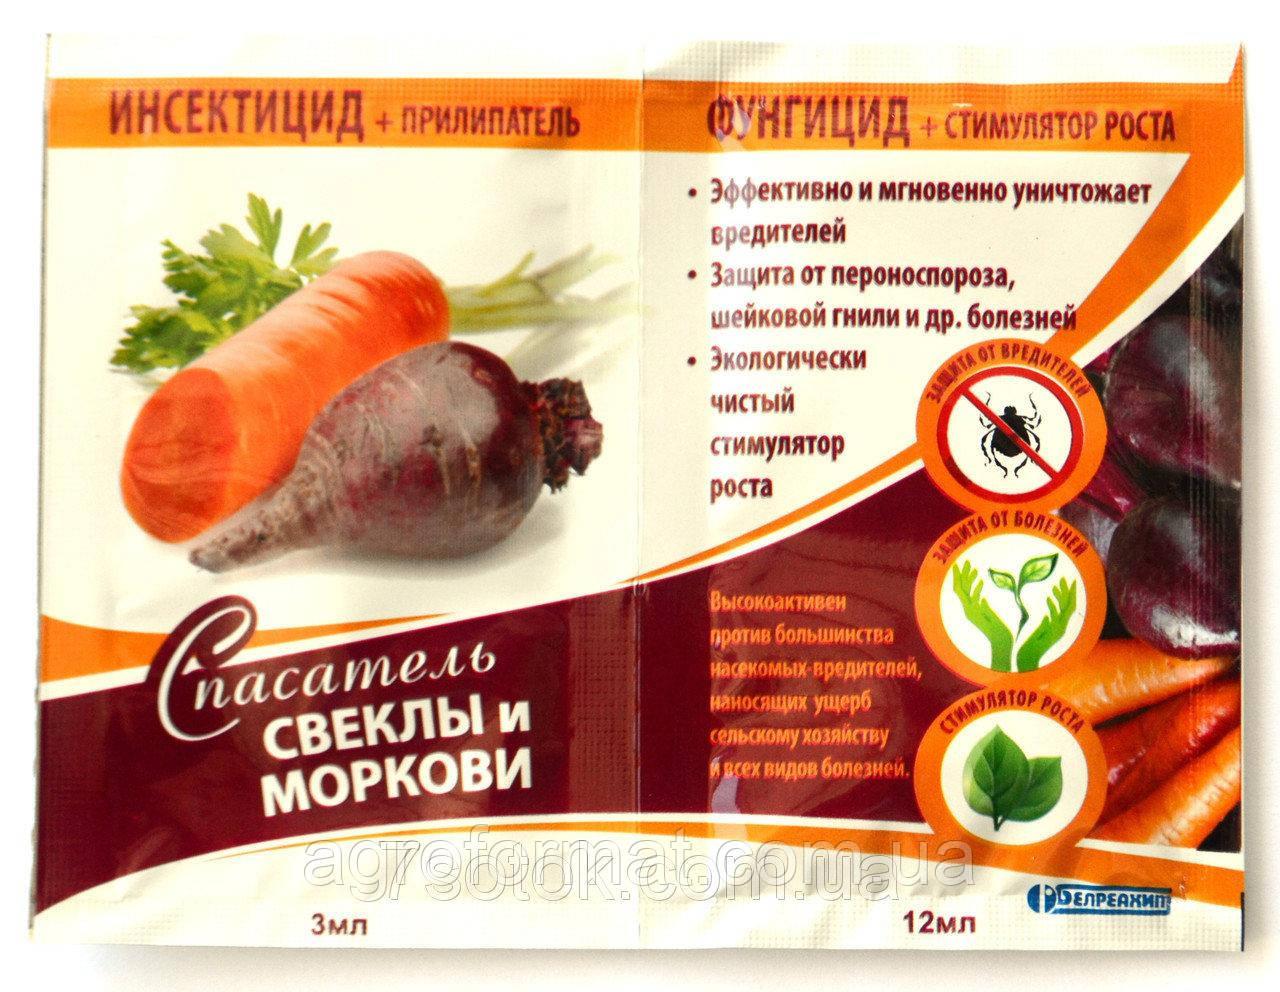 Рятувальник свекли і моркви 3мл + 12мл